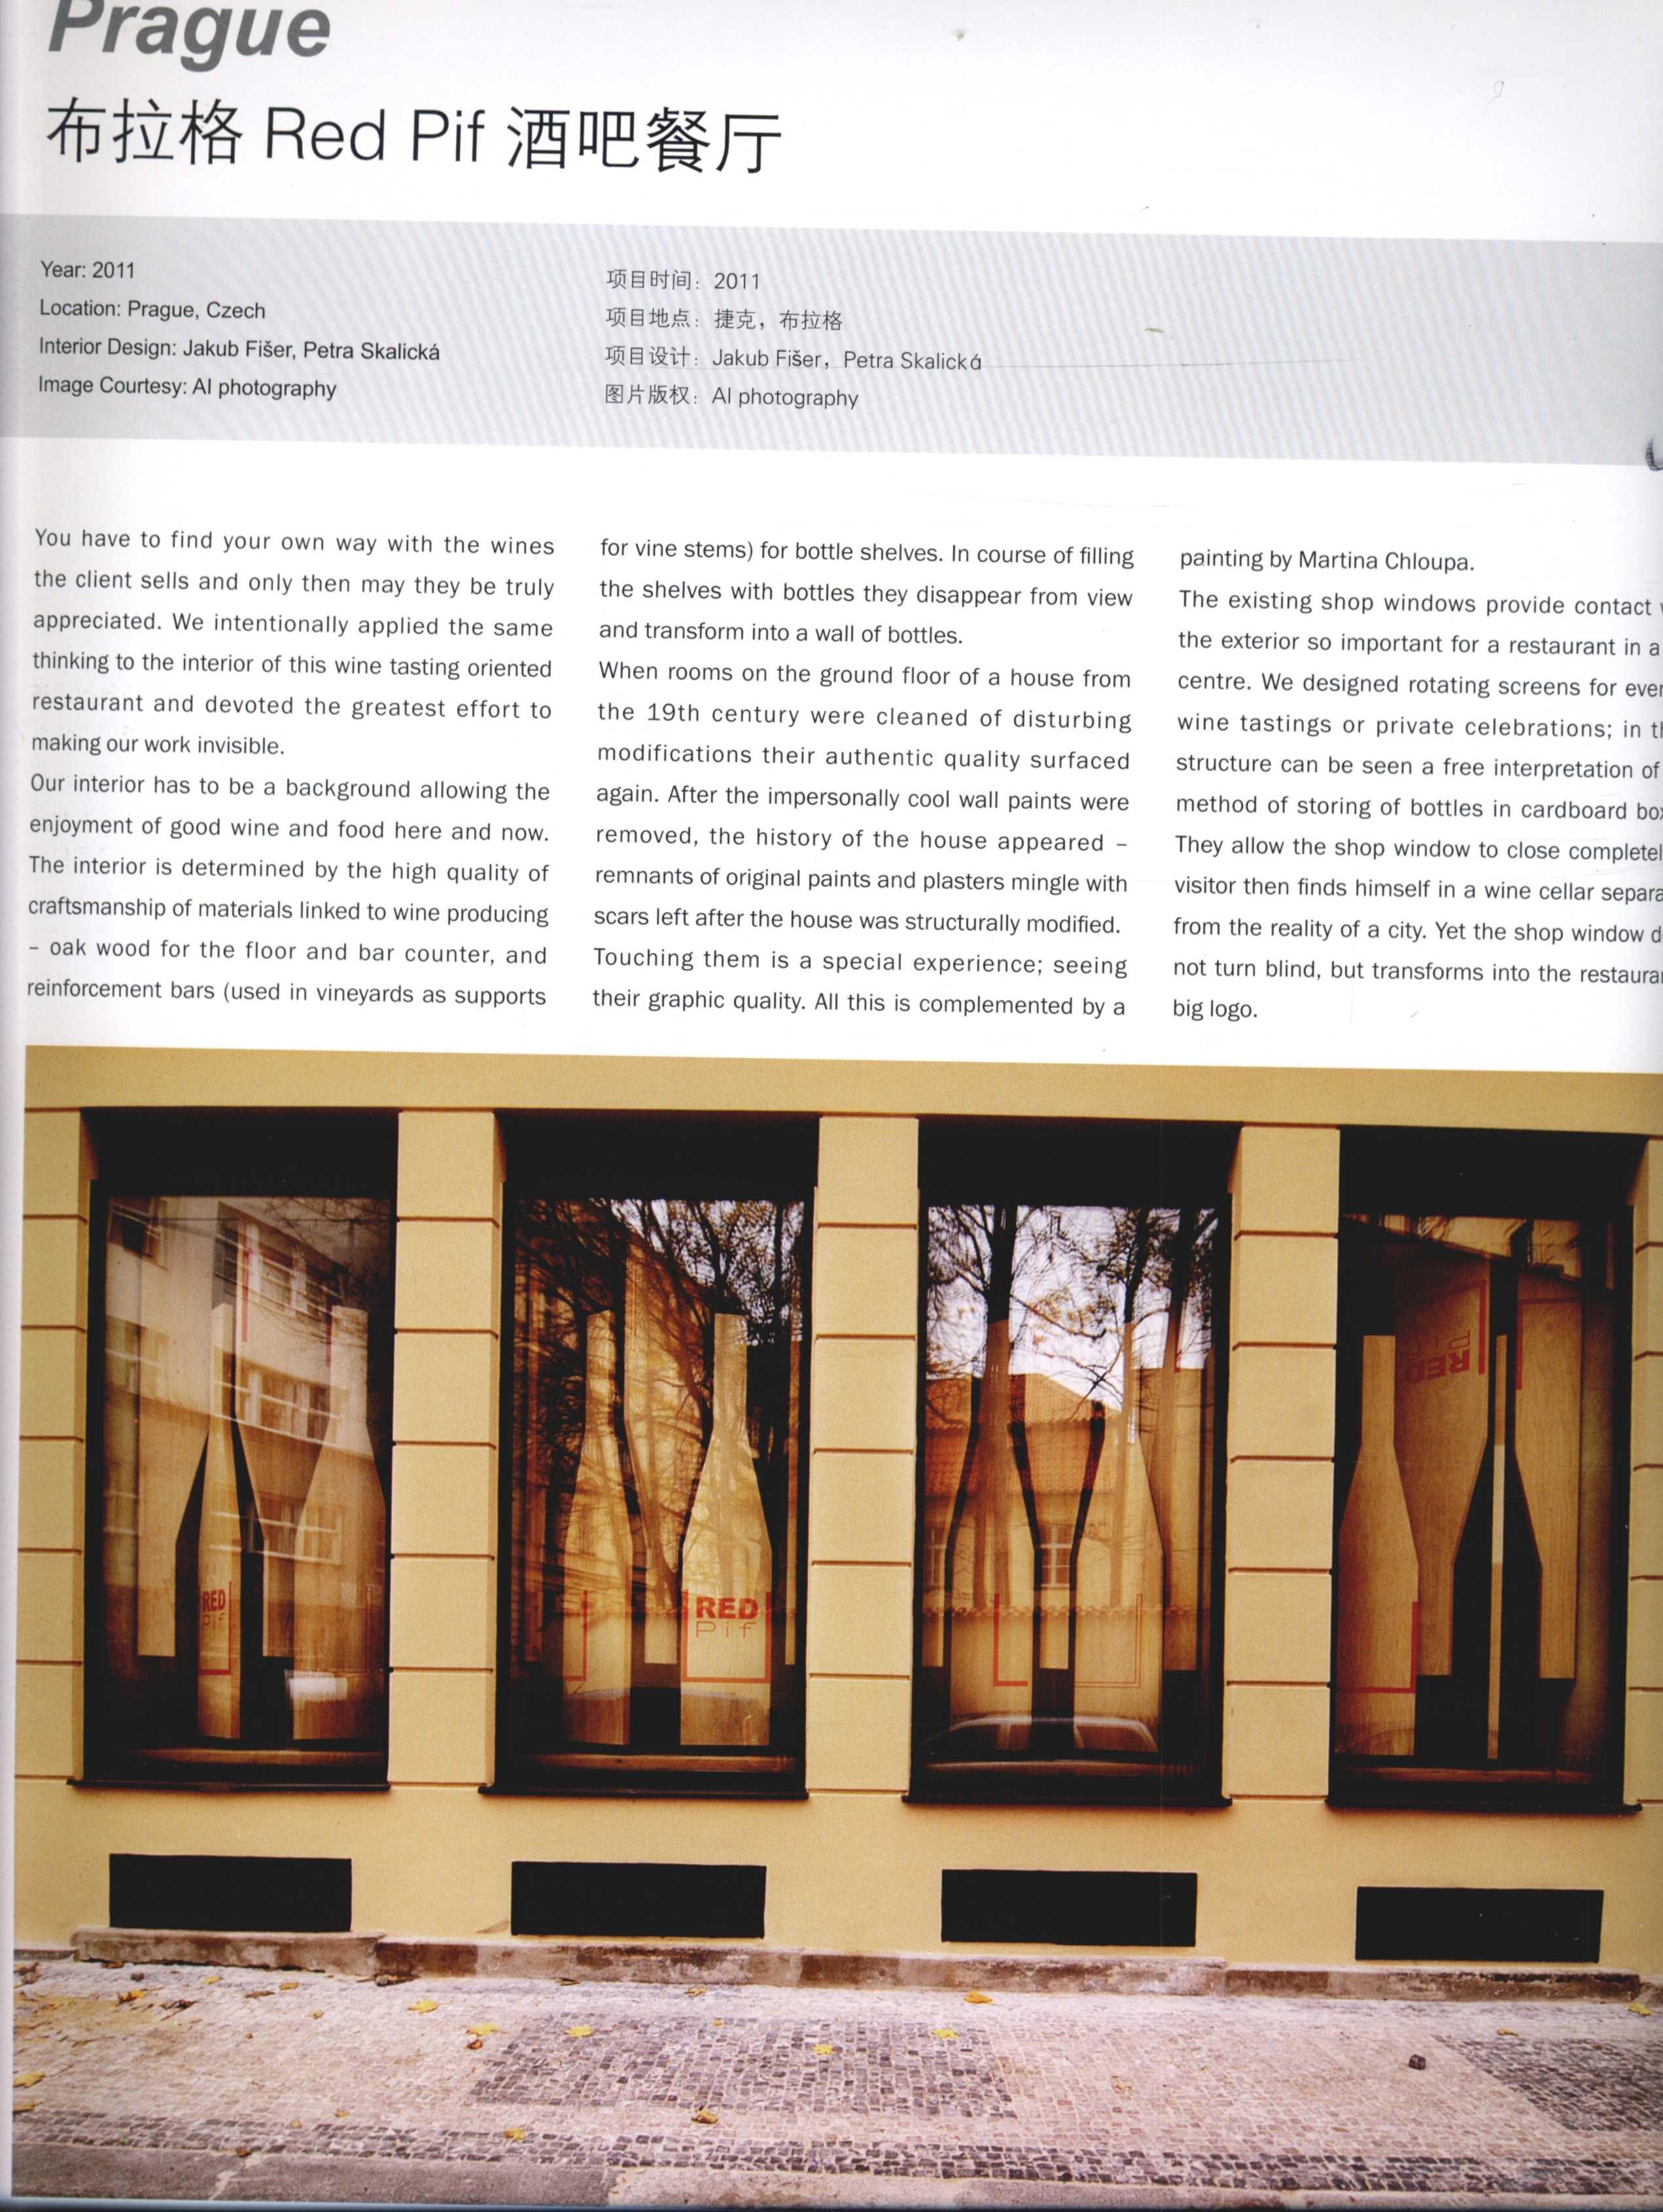 2012全球室内设计年鉴  餐饮_Page_192.jpg